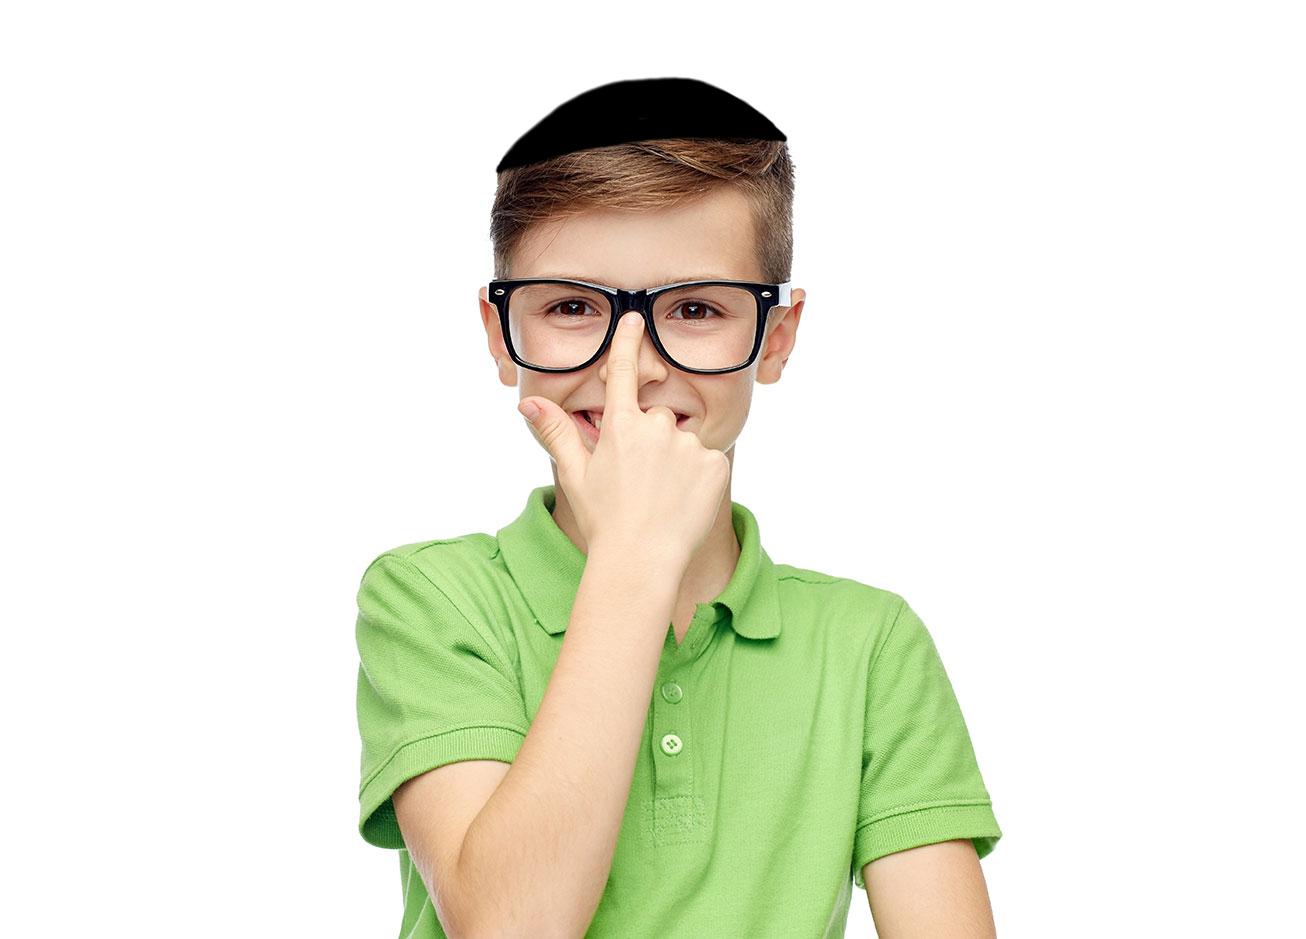 קטלוג משקפי ראיה